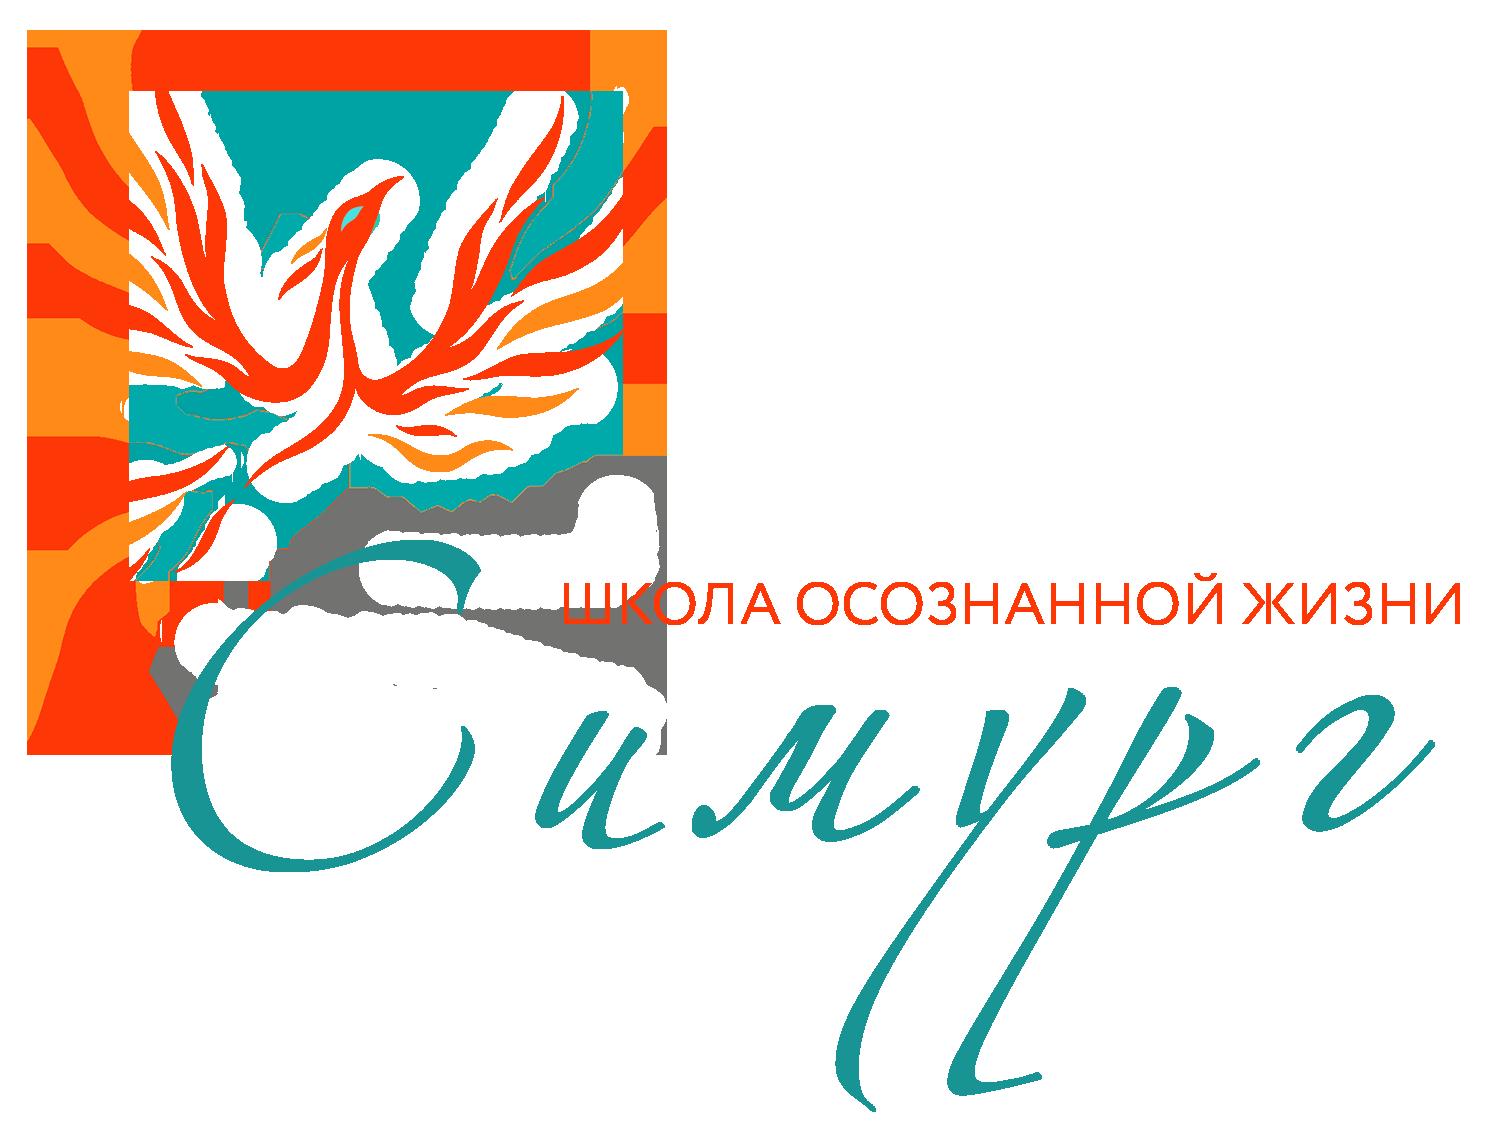 Школа Осознанной Жизни «СИМУРГ»